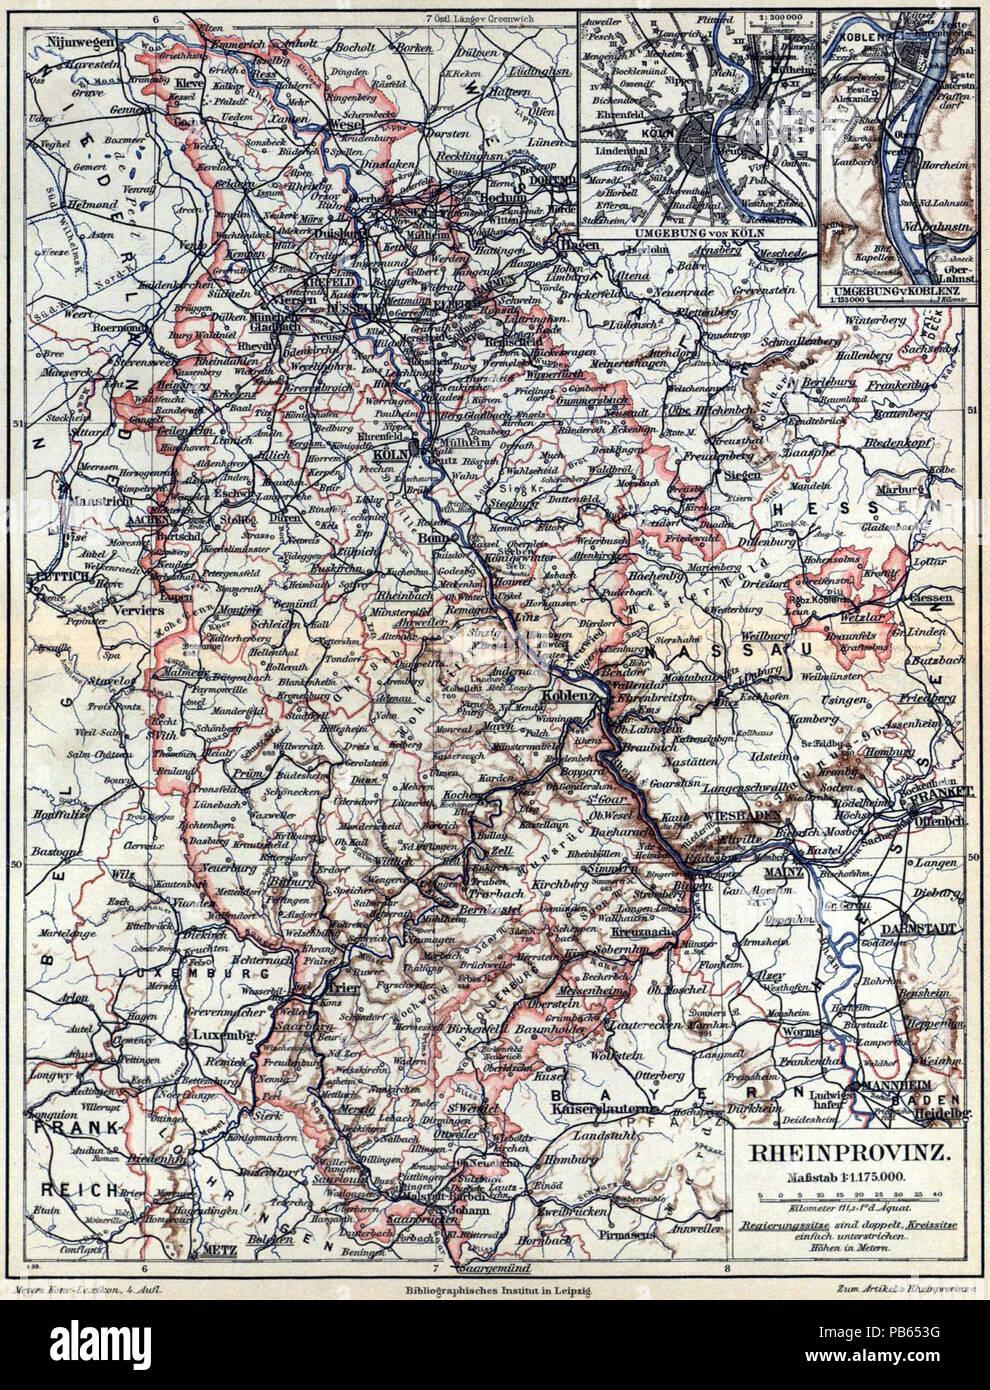 Deutsch Karte Rheinprovinz 1 1 175 000 Mit Nebenkarten